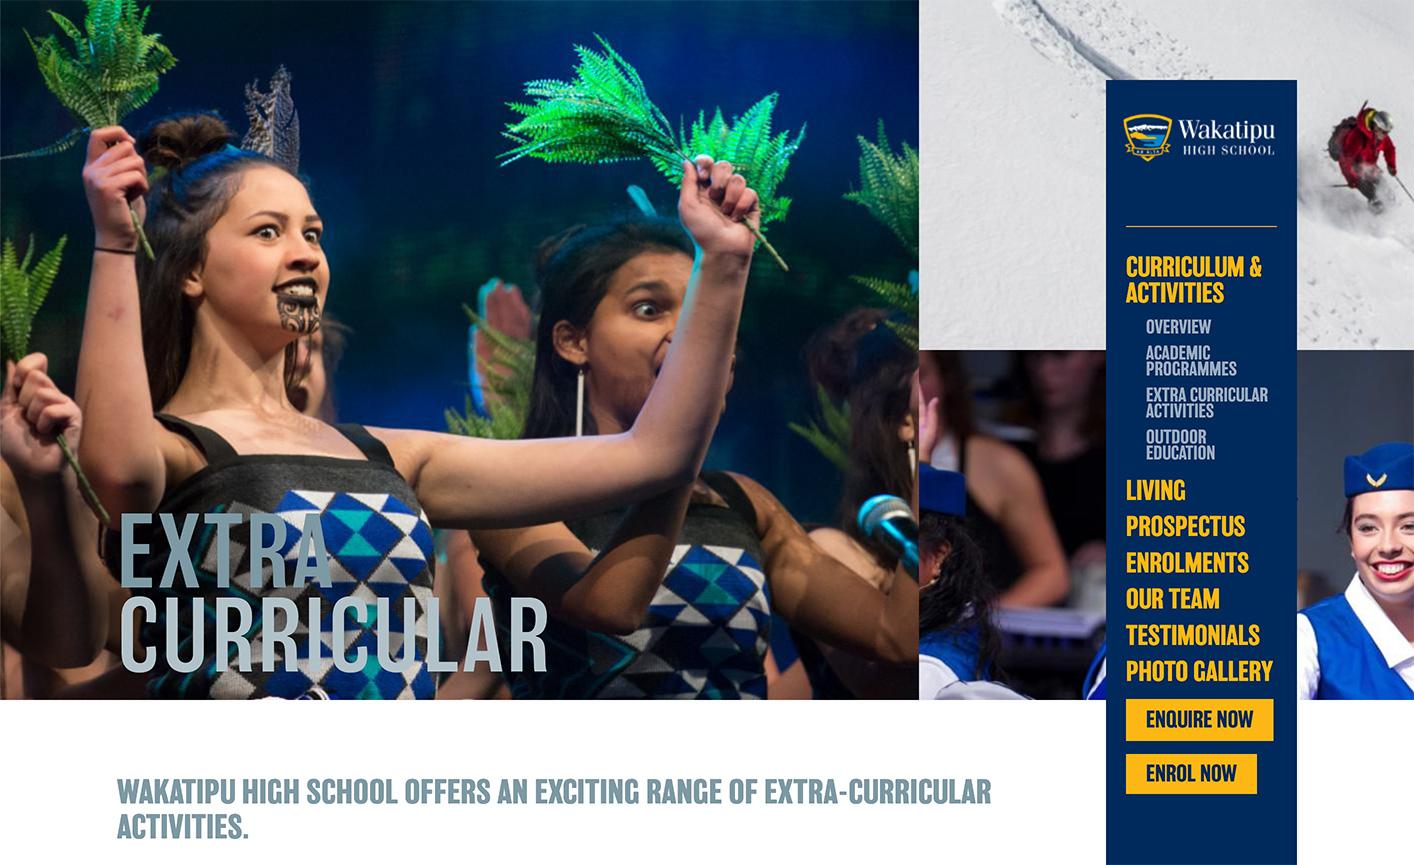 Wakatipu High School - International